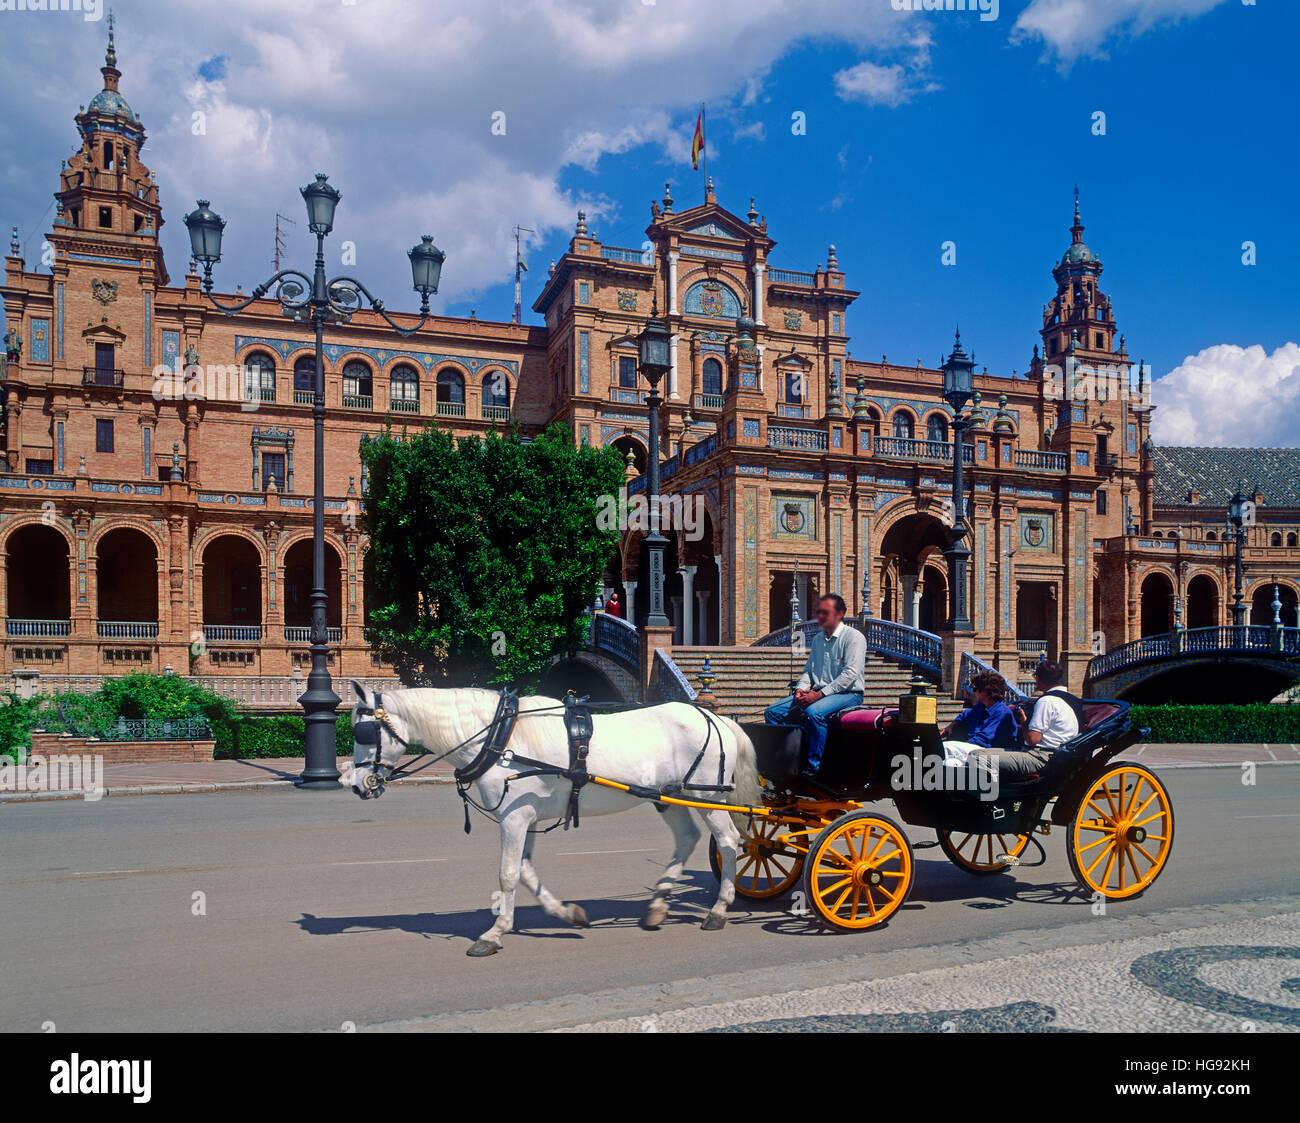 Touristen in Pferd gezogenen Wagen an der Plaza de Espana, Sevilla, Andalusien, Spanien Stockfoto